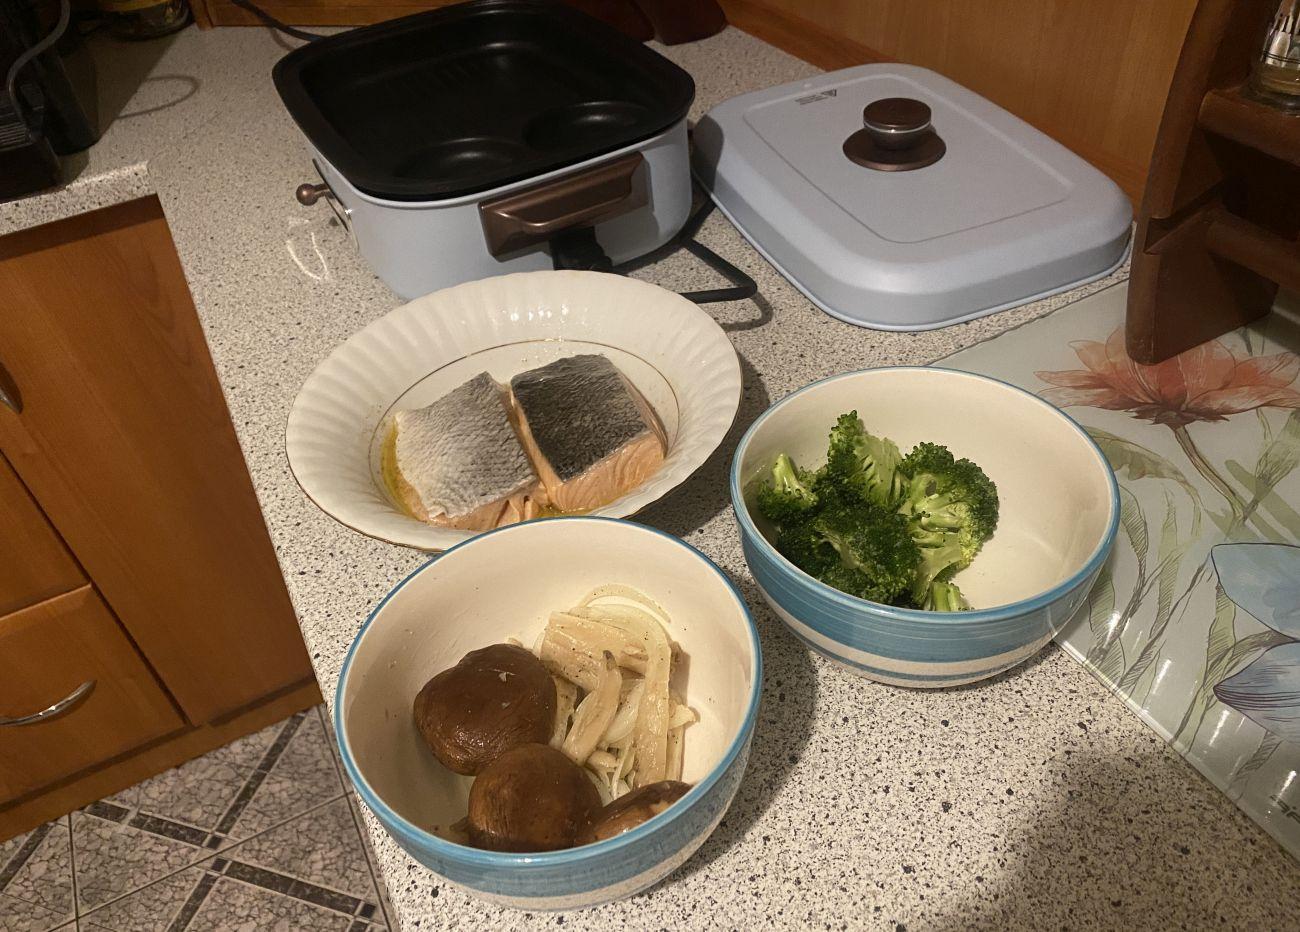 Składniki na stek z łososia przed testem grillowania w Kuvings MultiGrill